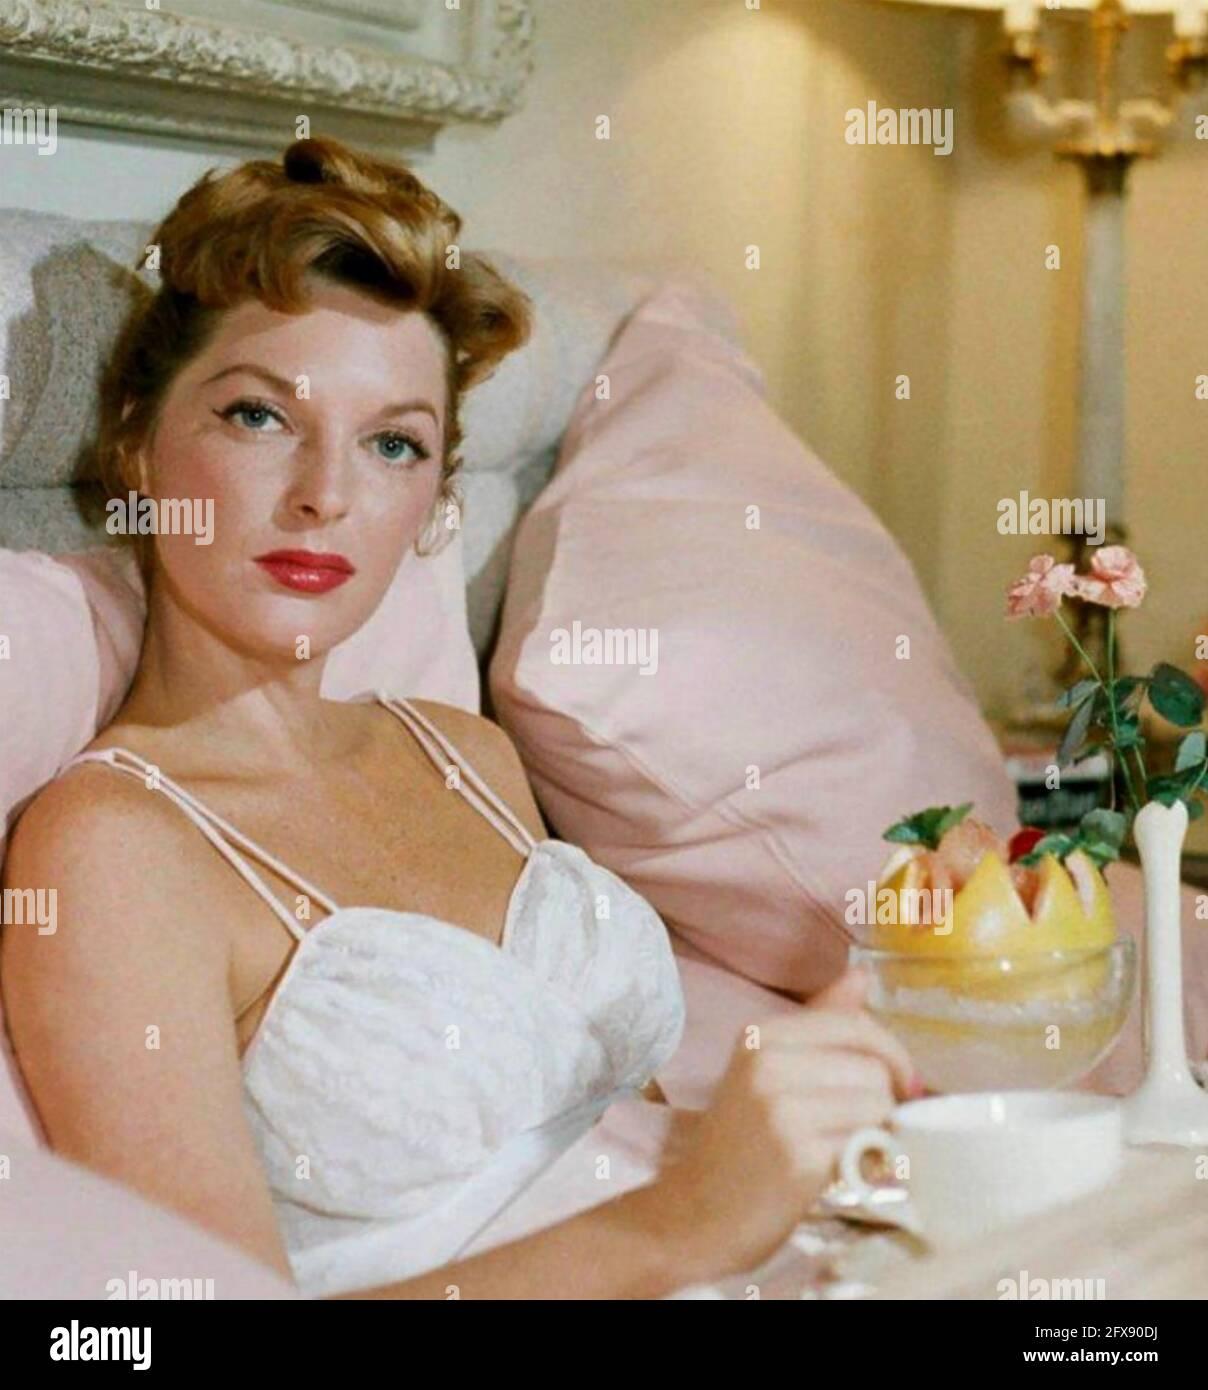 JULIE LONDON (1926-2000) amerikanische Sängerin und schauspielerin der fim um 1960 Stockfoto